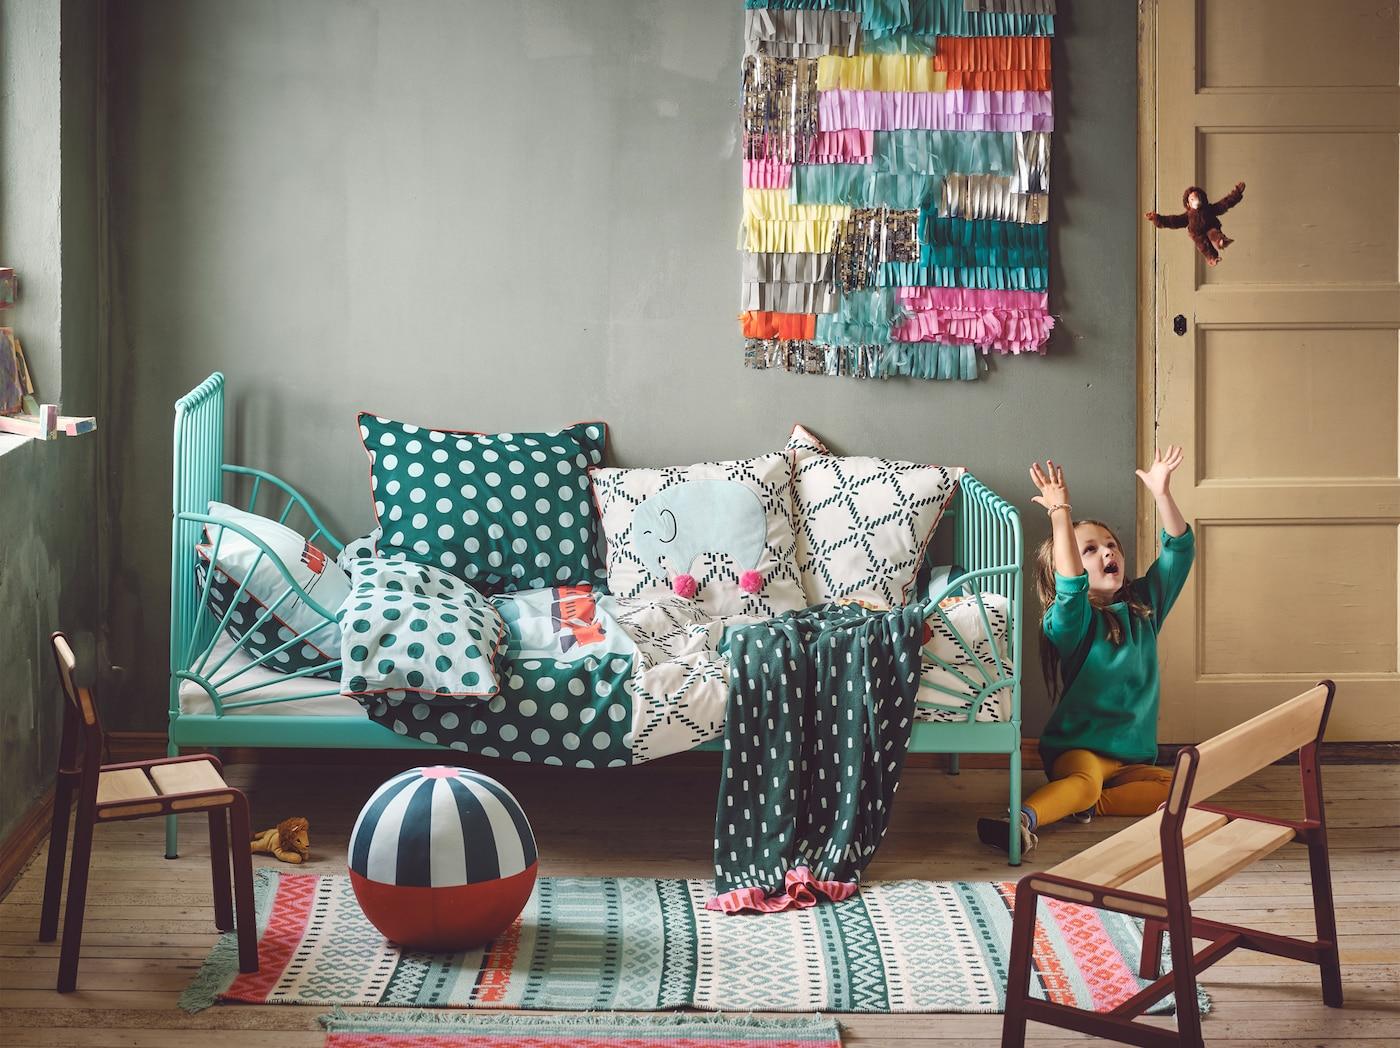 Die KÄPPHÄST Bettwäsche, Teppich und Kissen in einem bunten Kinderzimmer, in dem ein Kleinkind ein Stoffspielzeug in die Luft wirft.